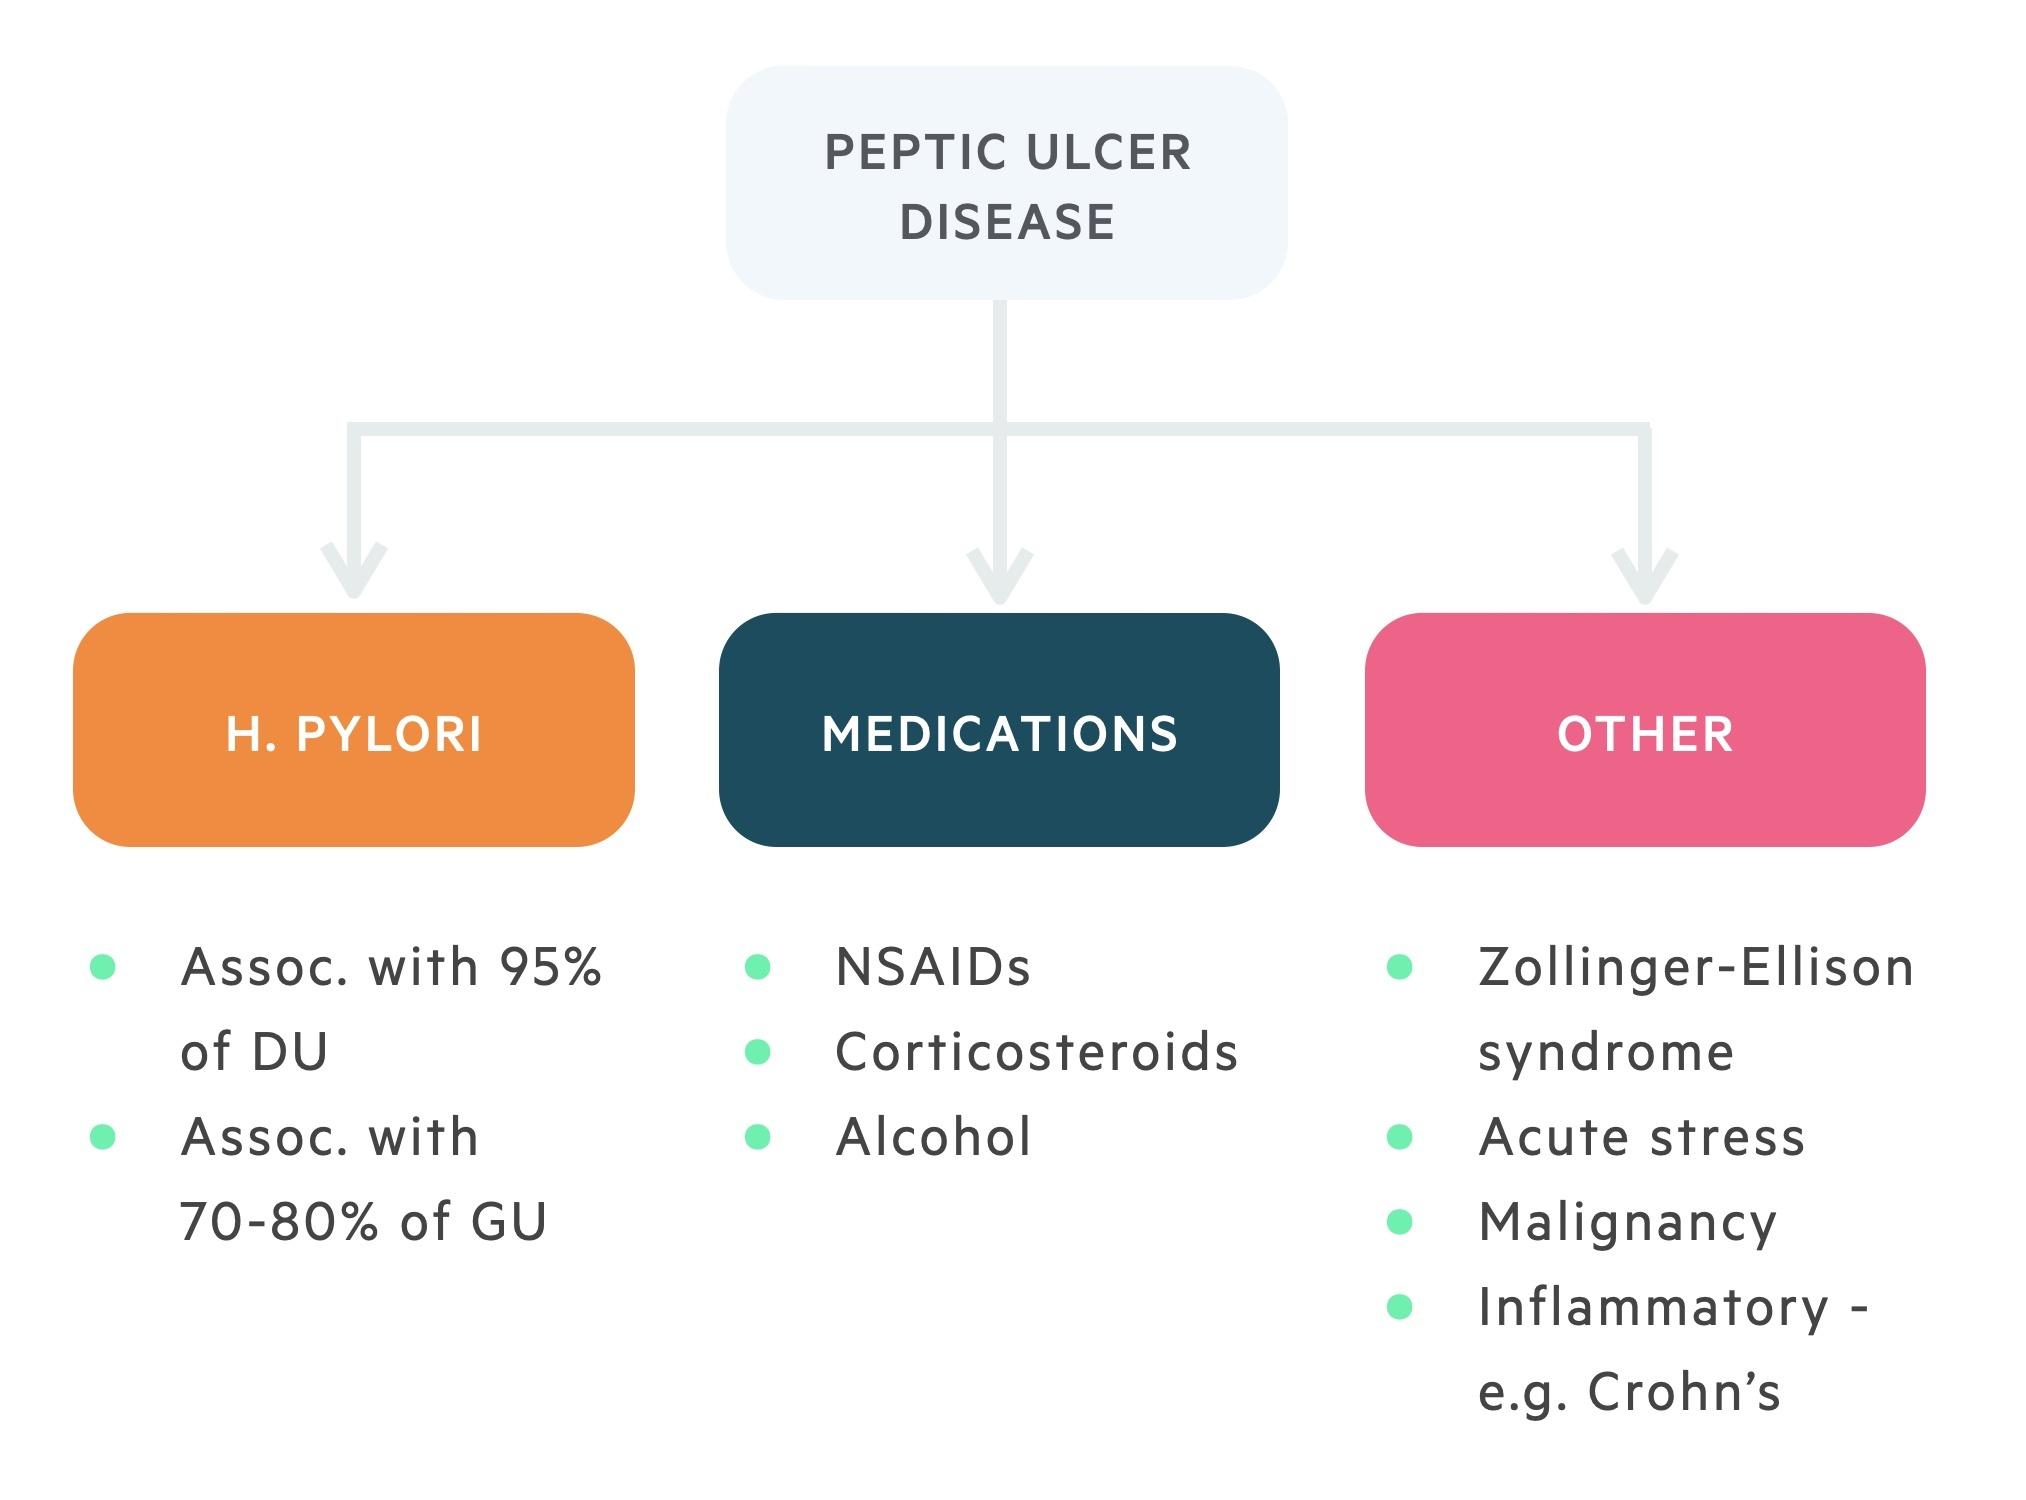 Aetiology of peptic ulcer disease